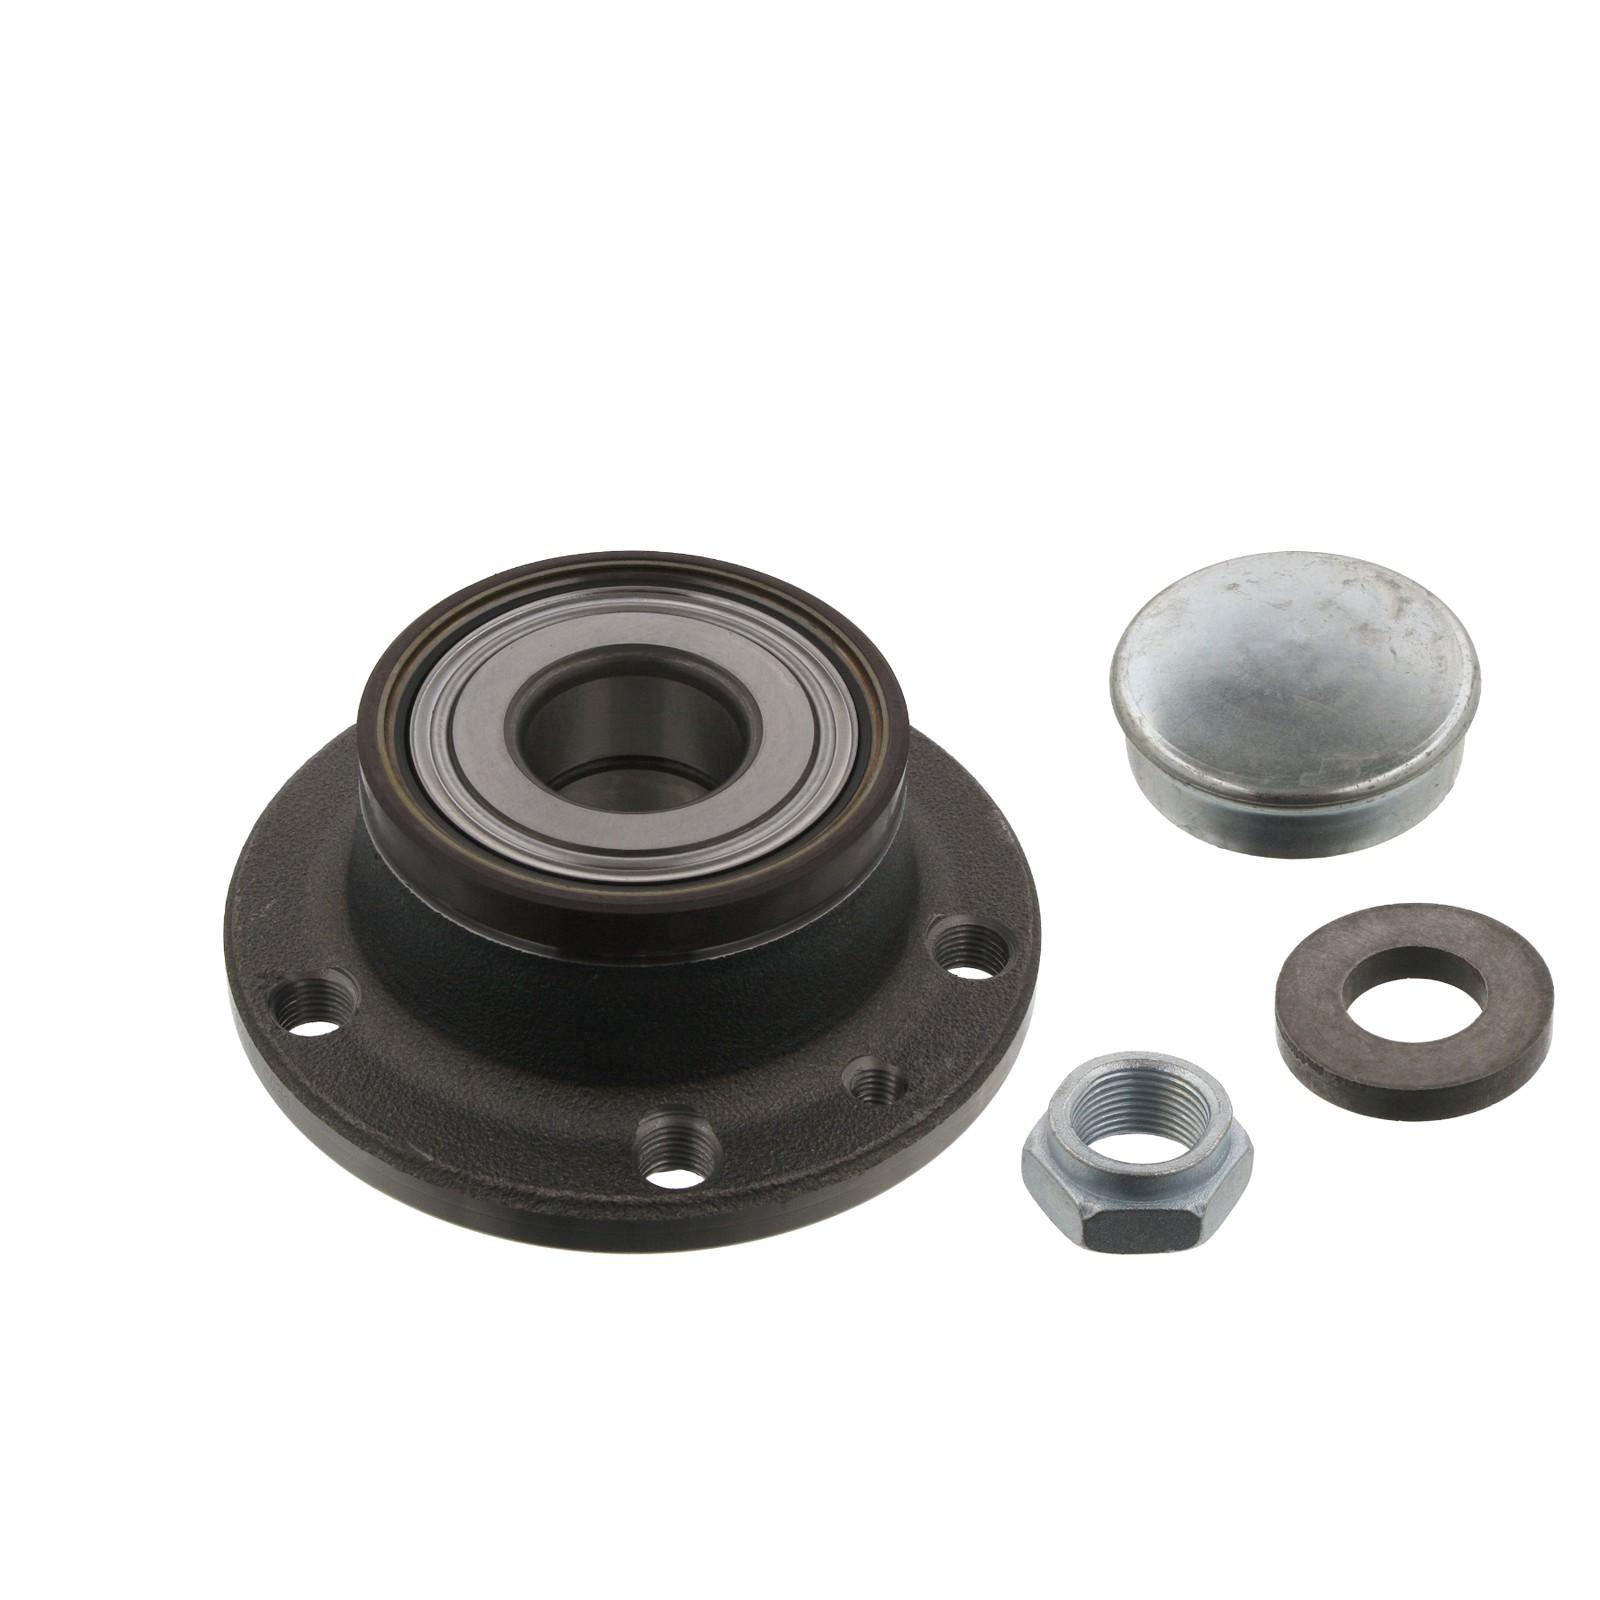 FEBI 34954 Radlagersatz Radnabe FIAT 500L 0.9-1.4 / 1.3-1.6 D Doblo 1.4 / 1.3-2.0 D hinten